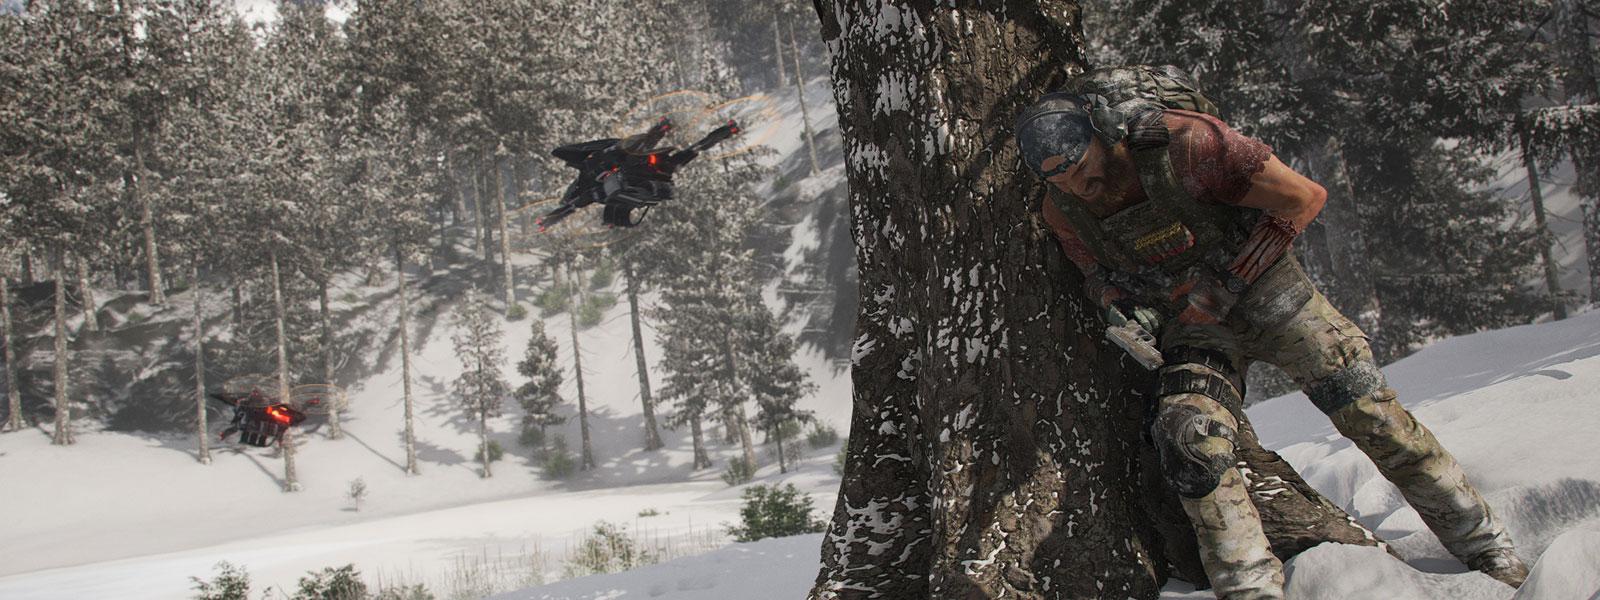 Personage in militaire uitrusting dat zich verschuilt achter een boom, met twee drones in een besneeuwd landschap